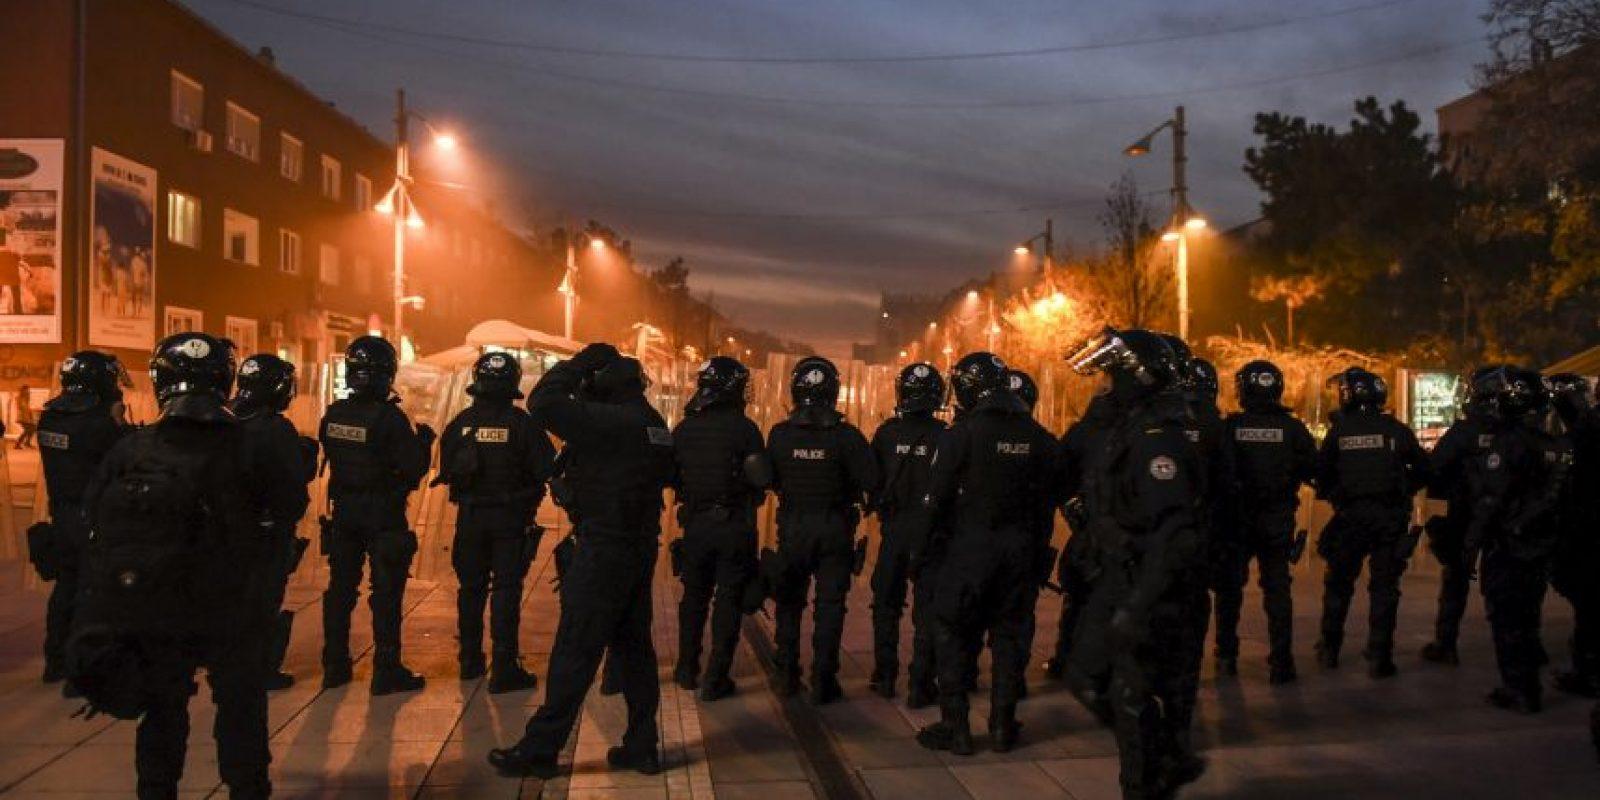 Diputados de la oposición han paralizado las sesiones parlamentarias de semana, en un intento de frustrar el diálogo auspiciado por la Unión Europea y los acuerdos con Serbia, el país del que Kosovo se separó y declaró su independencia en 2008. Foto:AFP